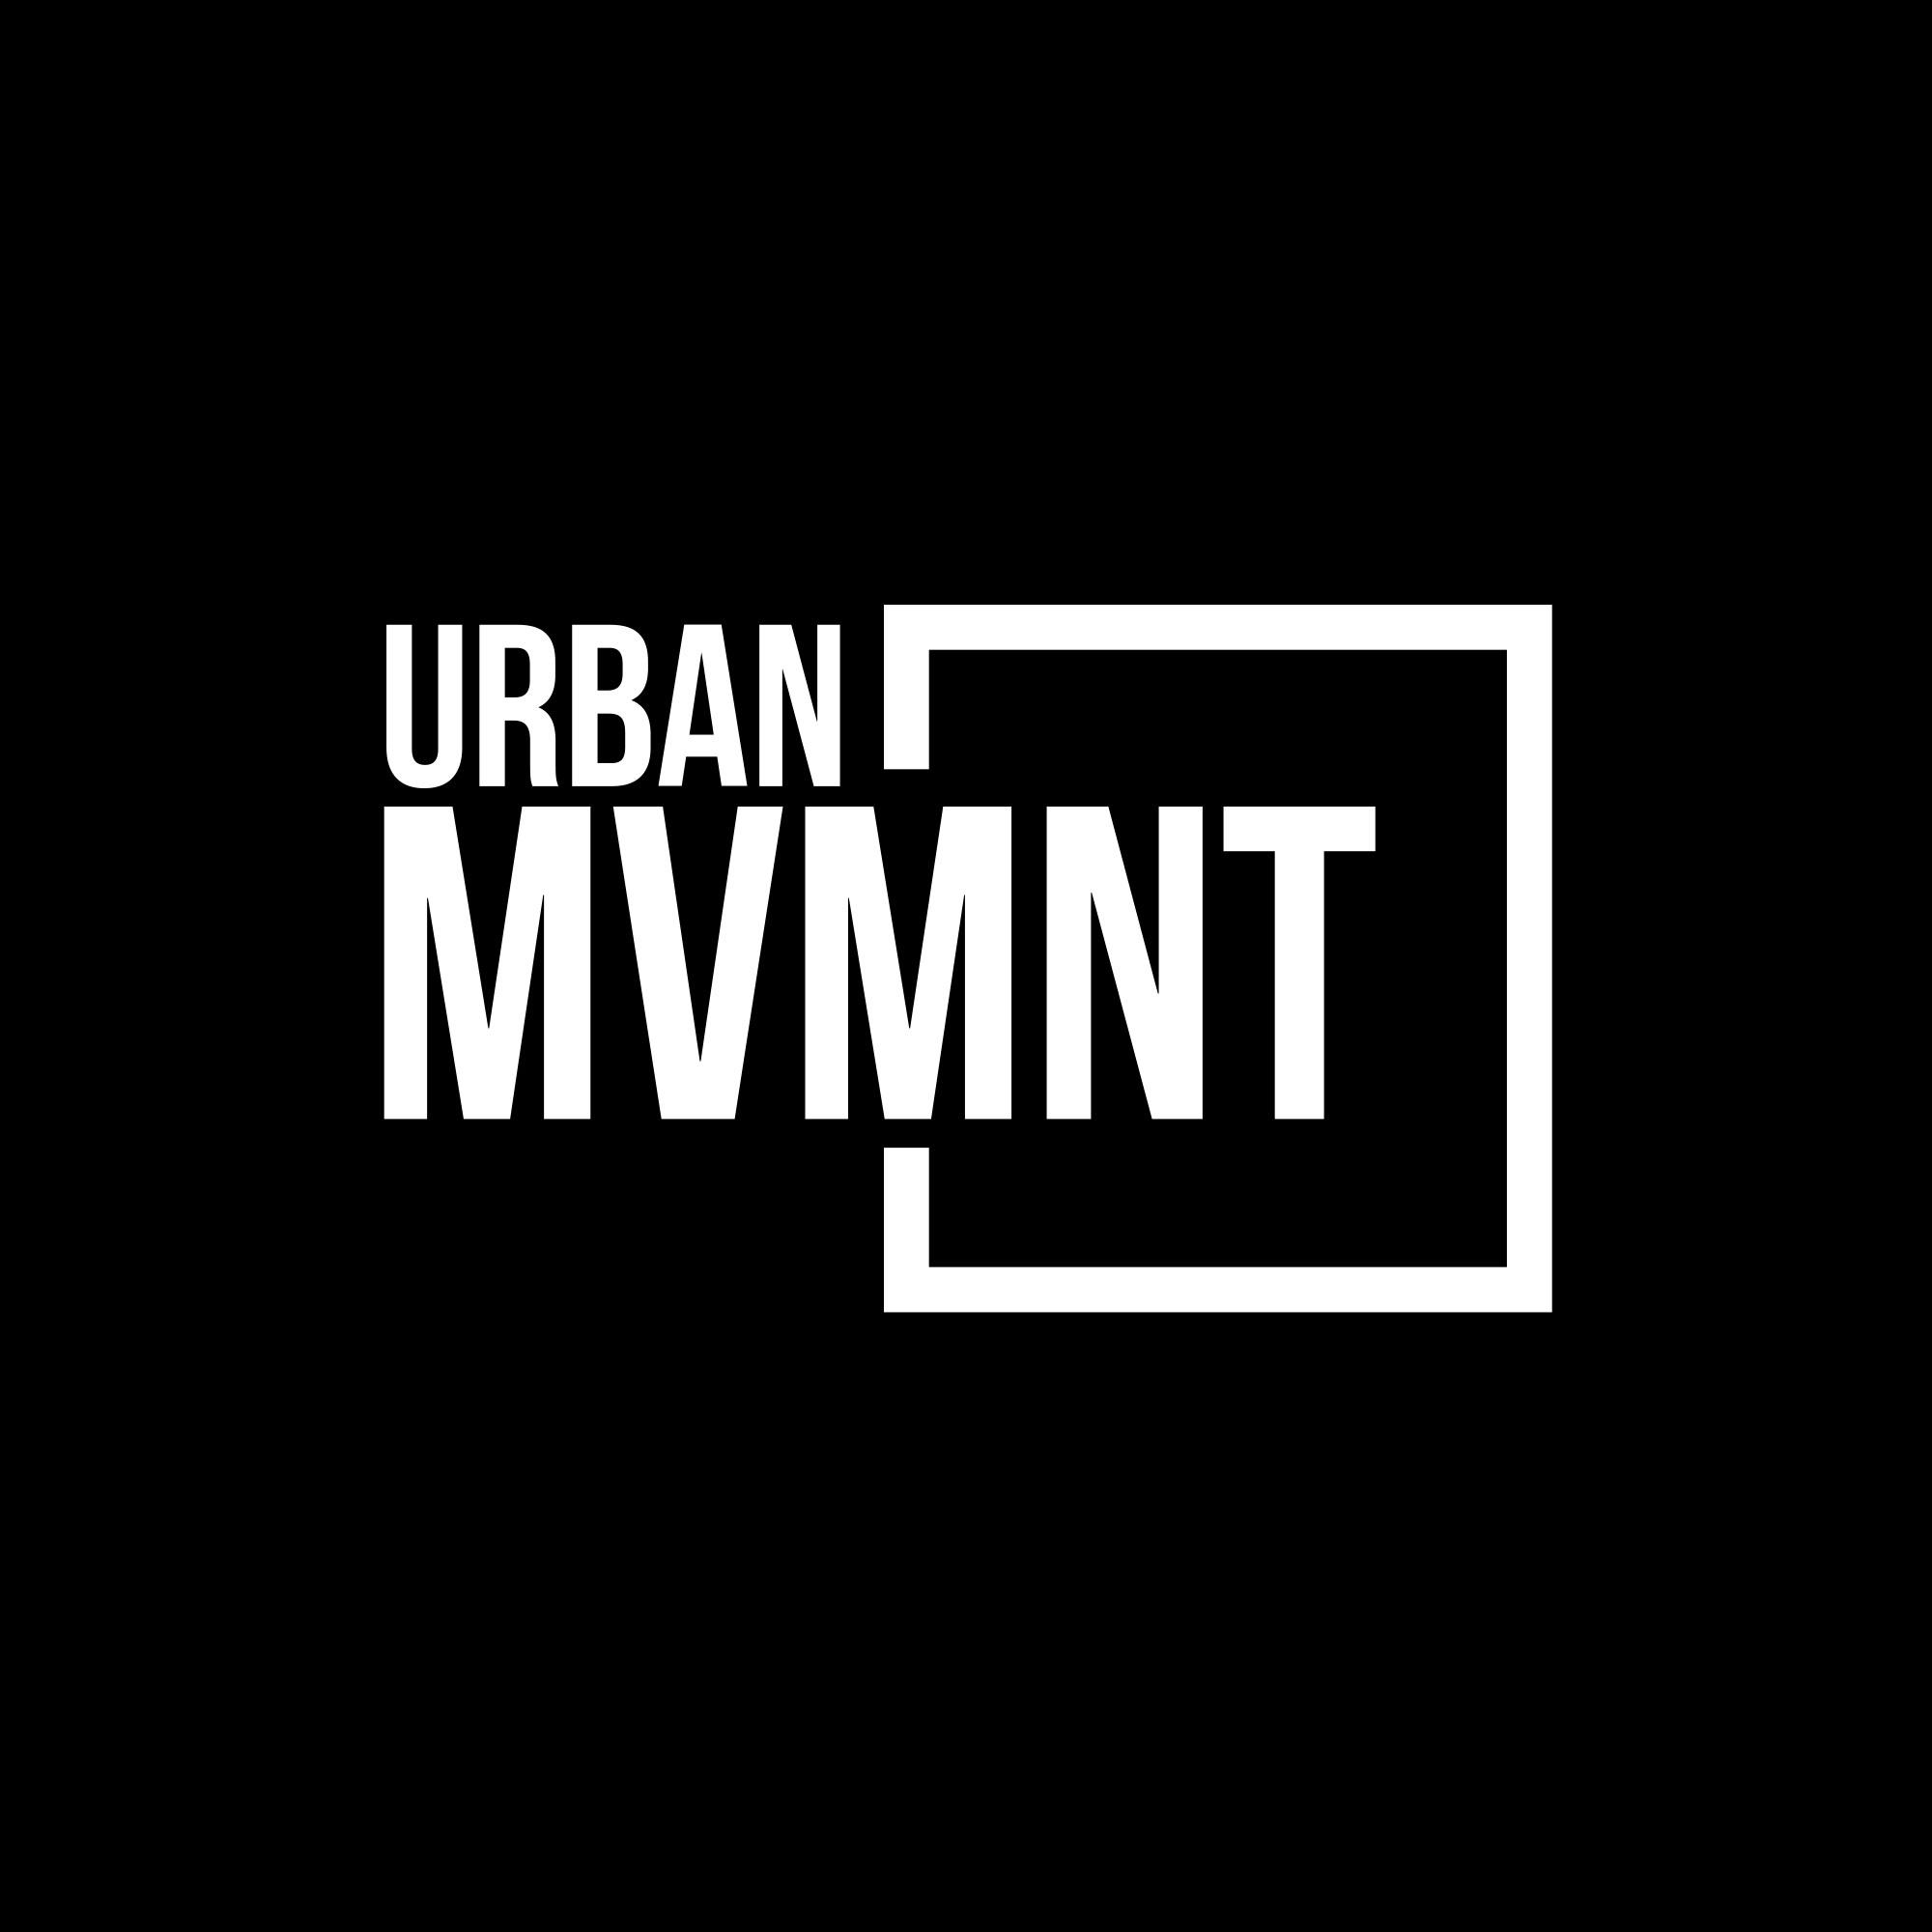 Urban MVMNT Branding